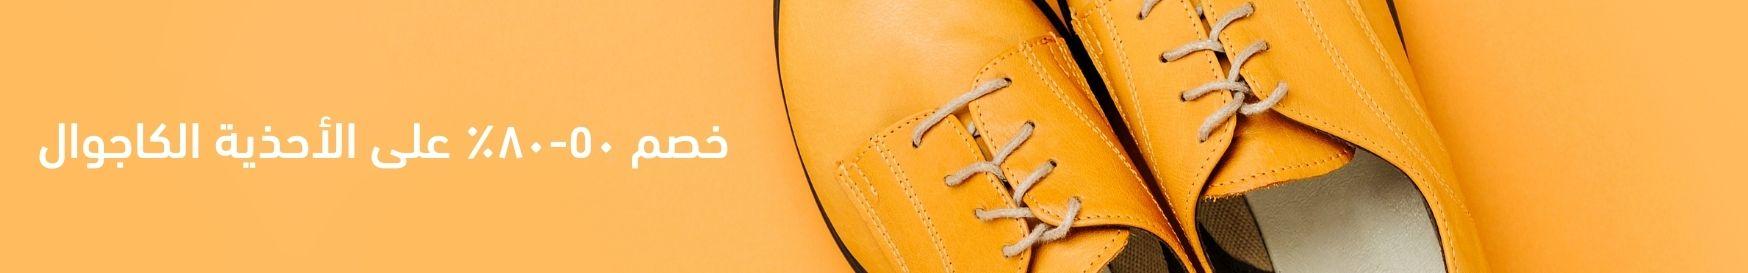 FootwearFest_Wide50-80_FLweb